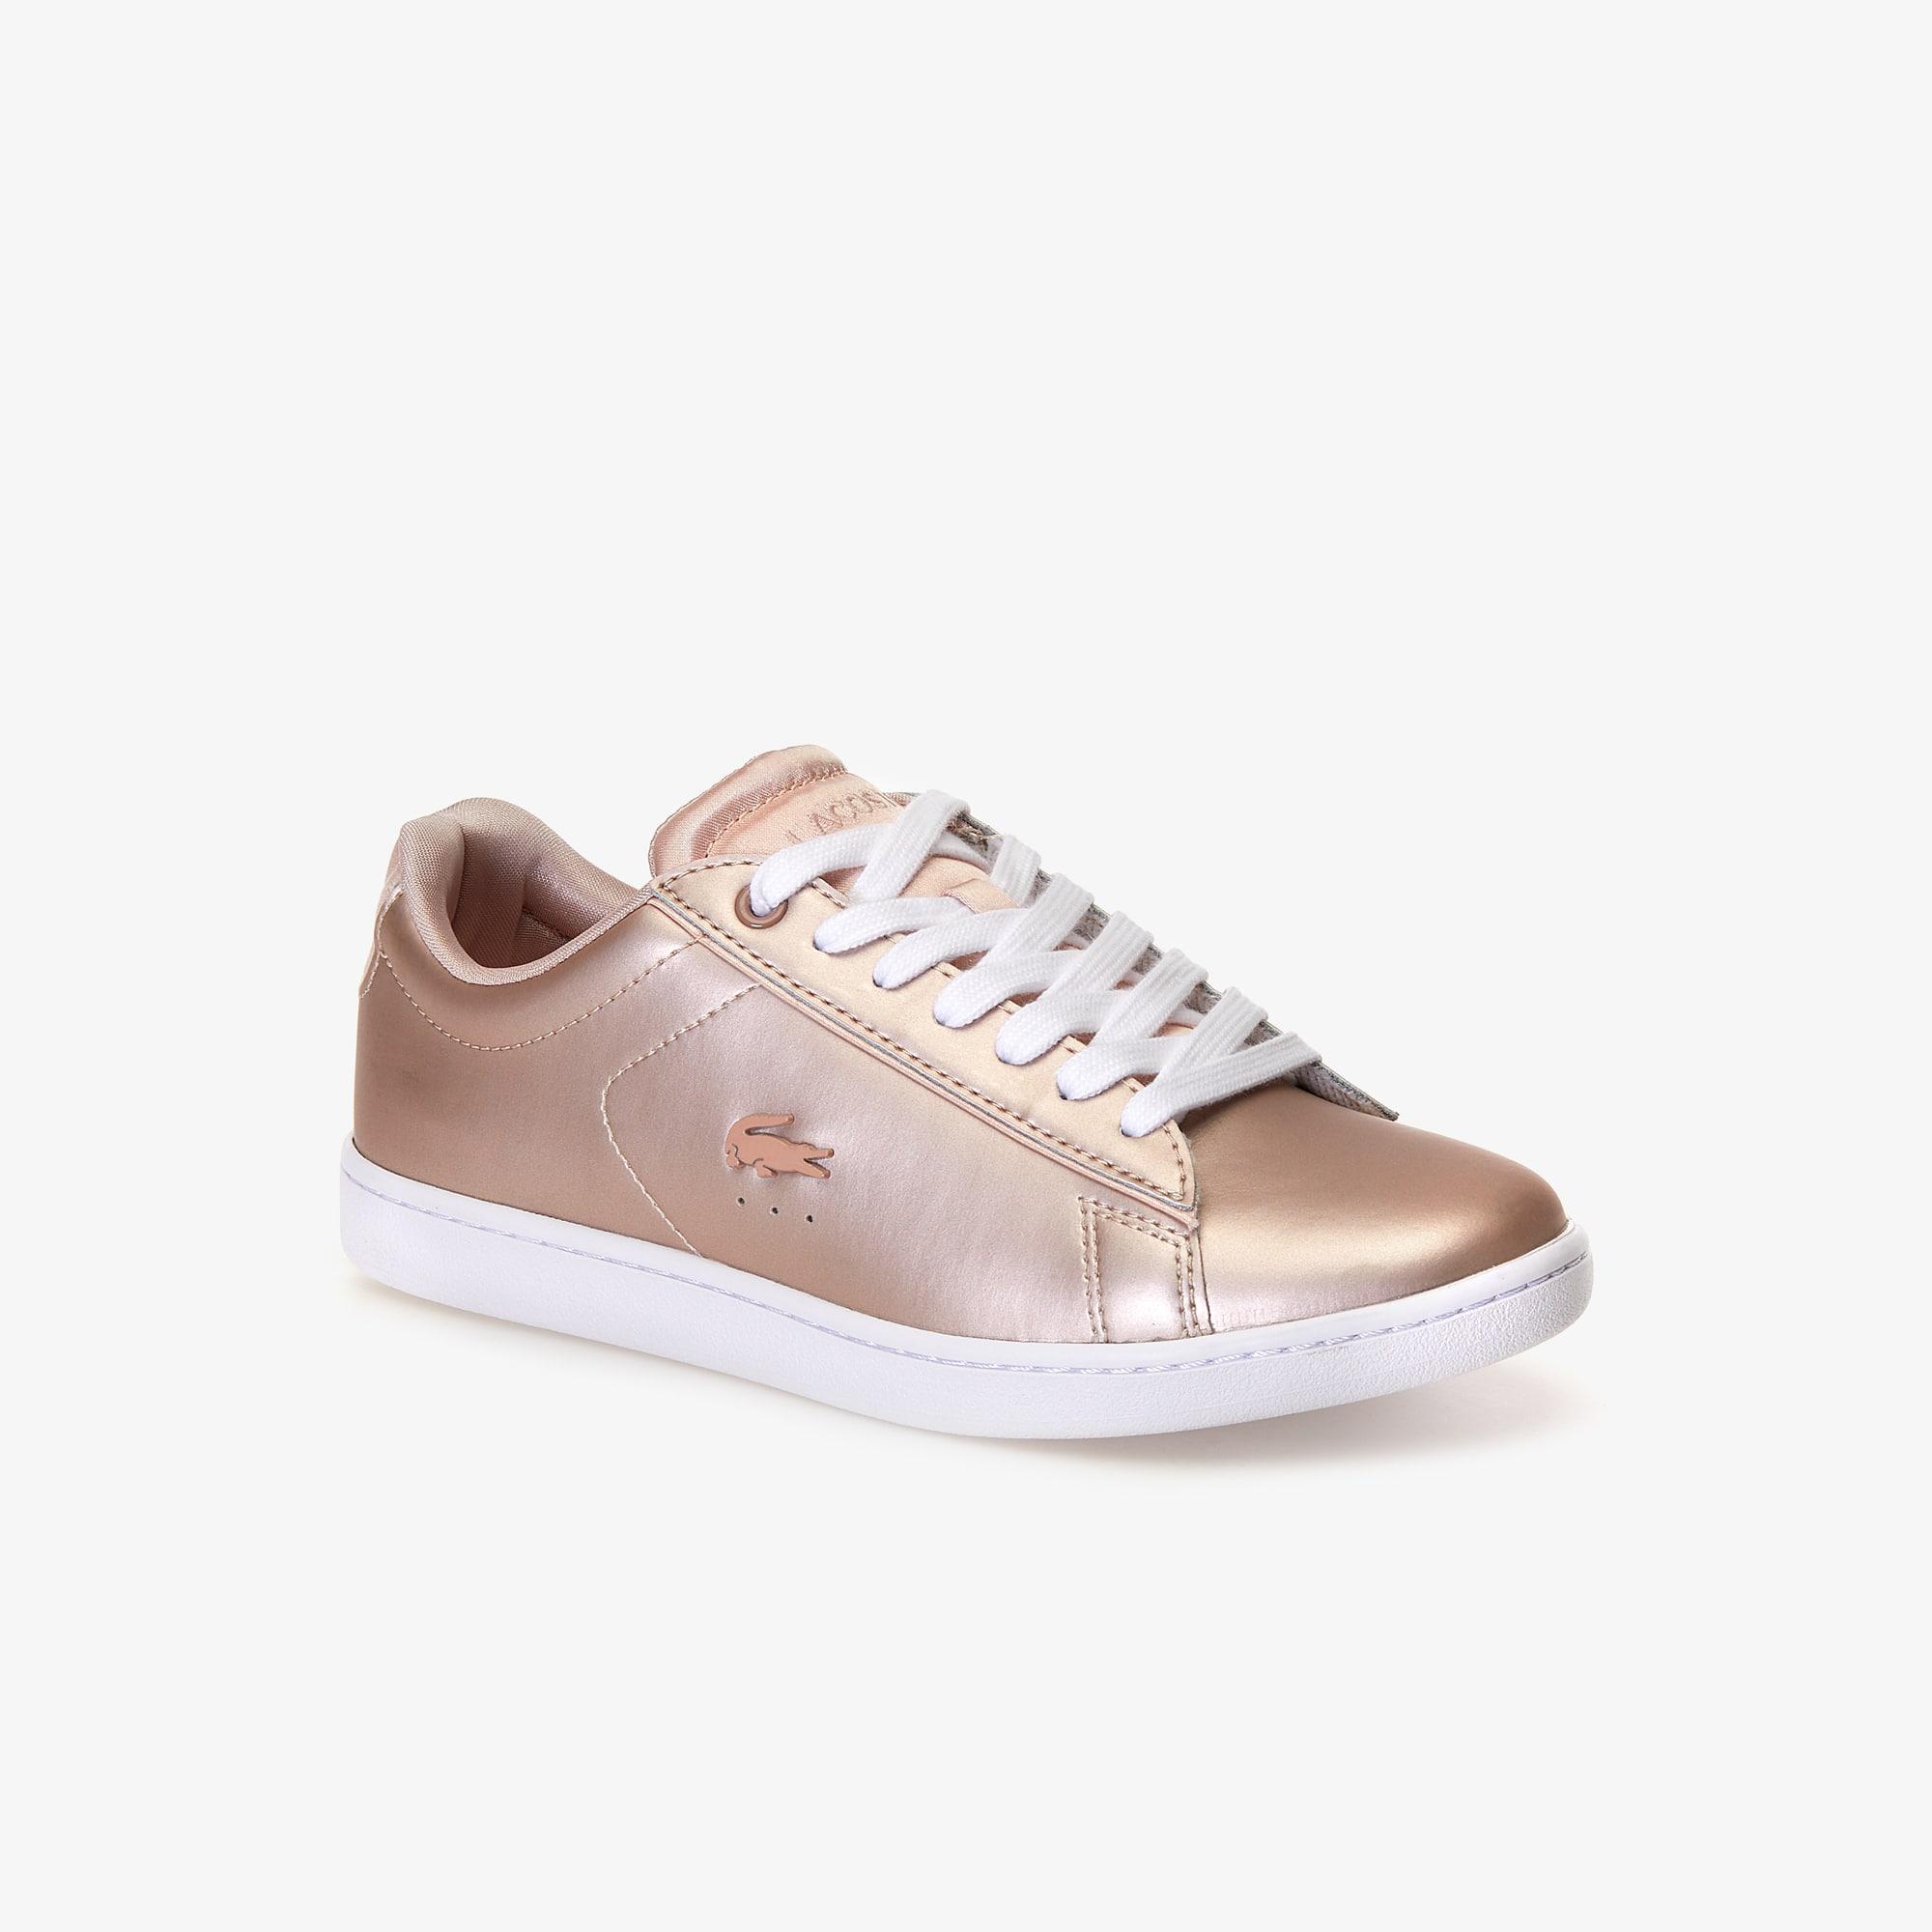 Metallische Damen-Sneakers CARNABY EVO